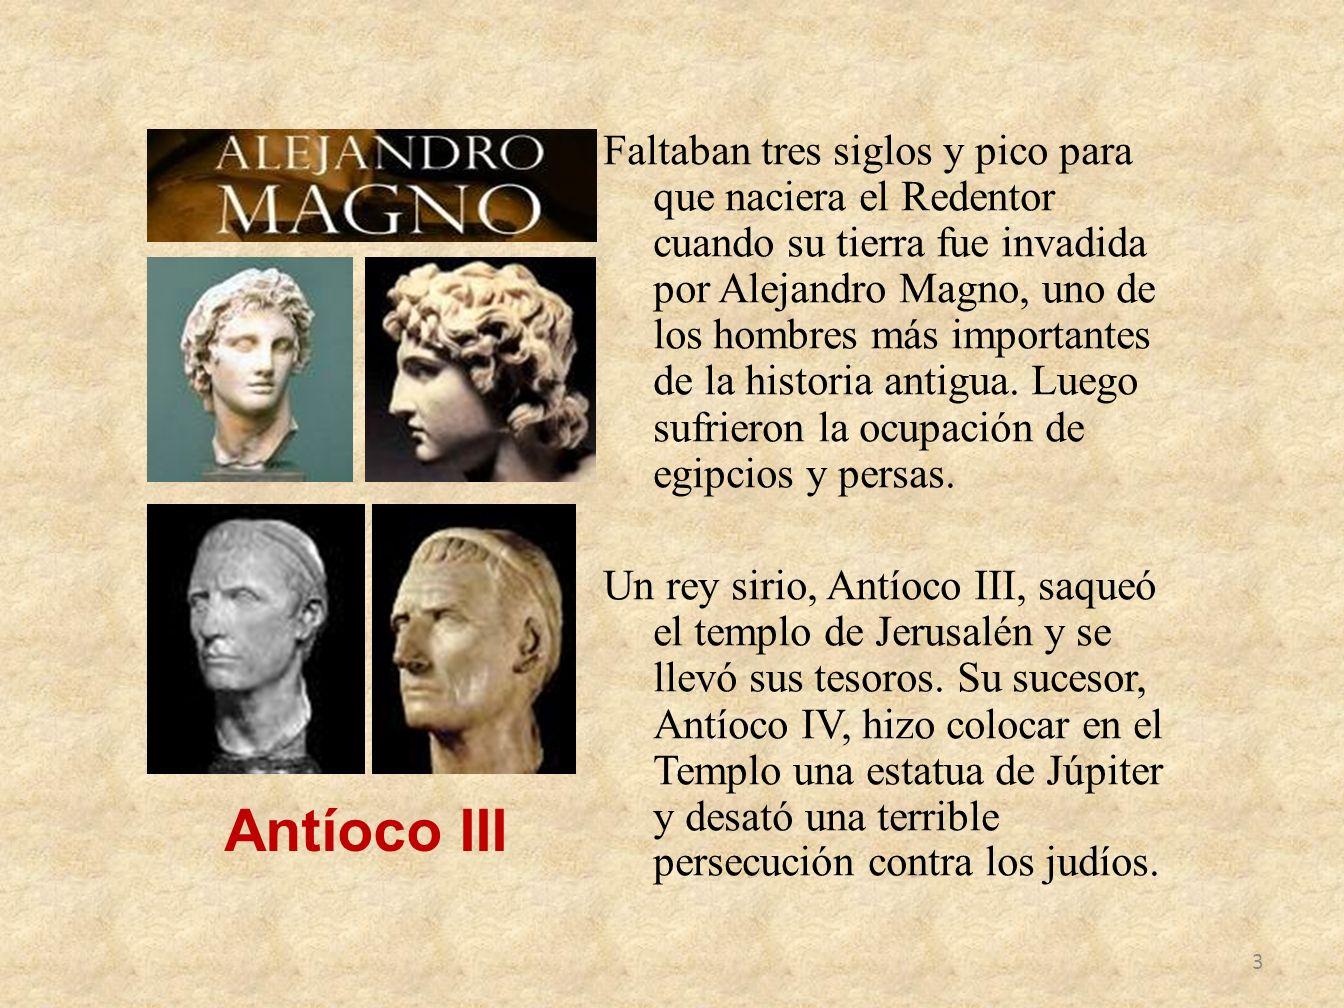 Faltaban tres siglos y pico para que naciera el Redentor cuando su tierra fue invadida por Alejandro Magno, uno de los hombres más importantes de la h